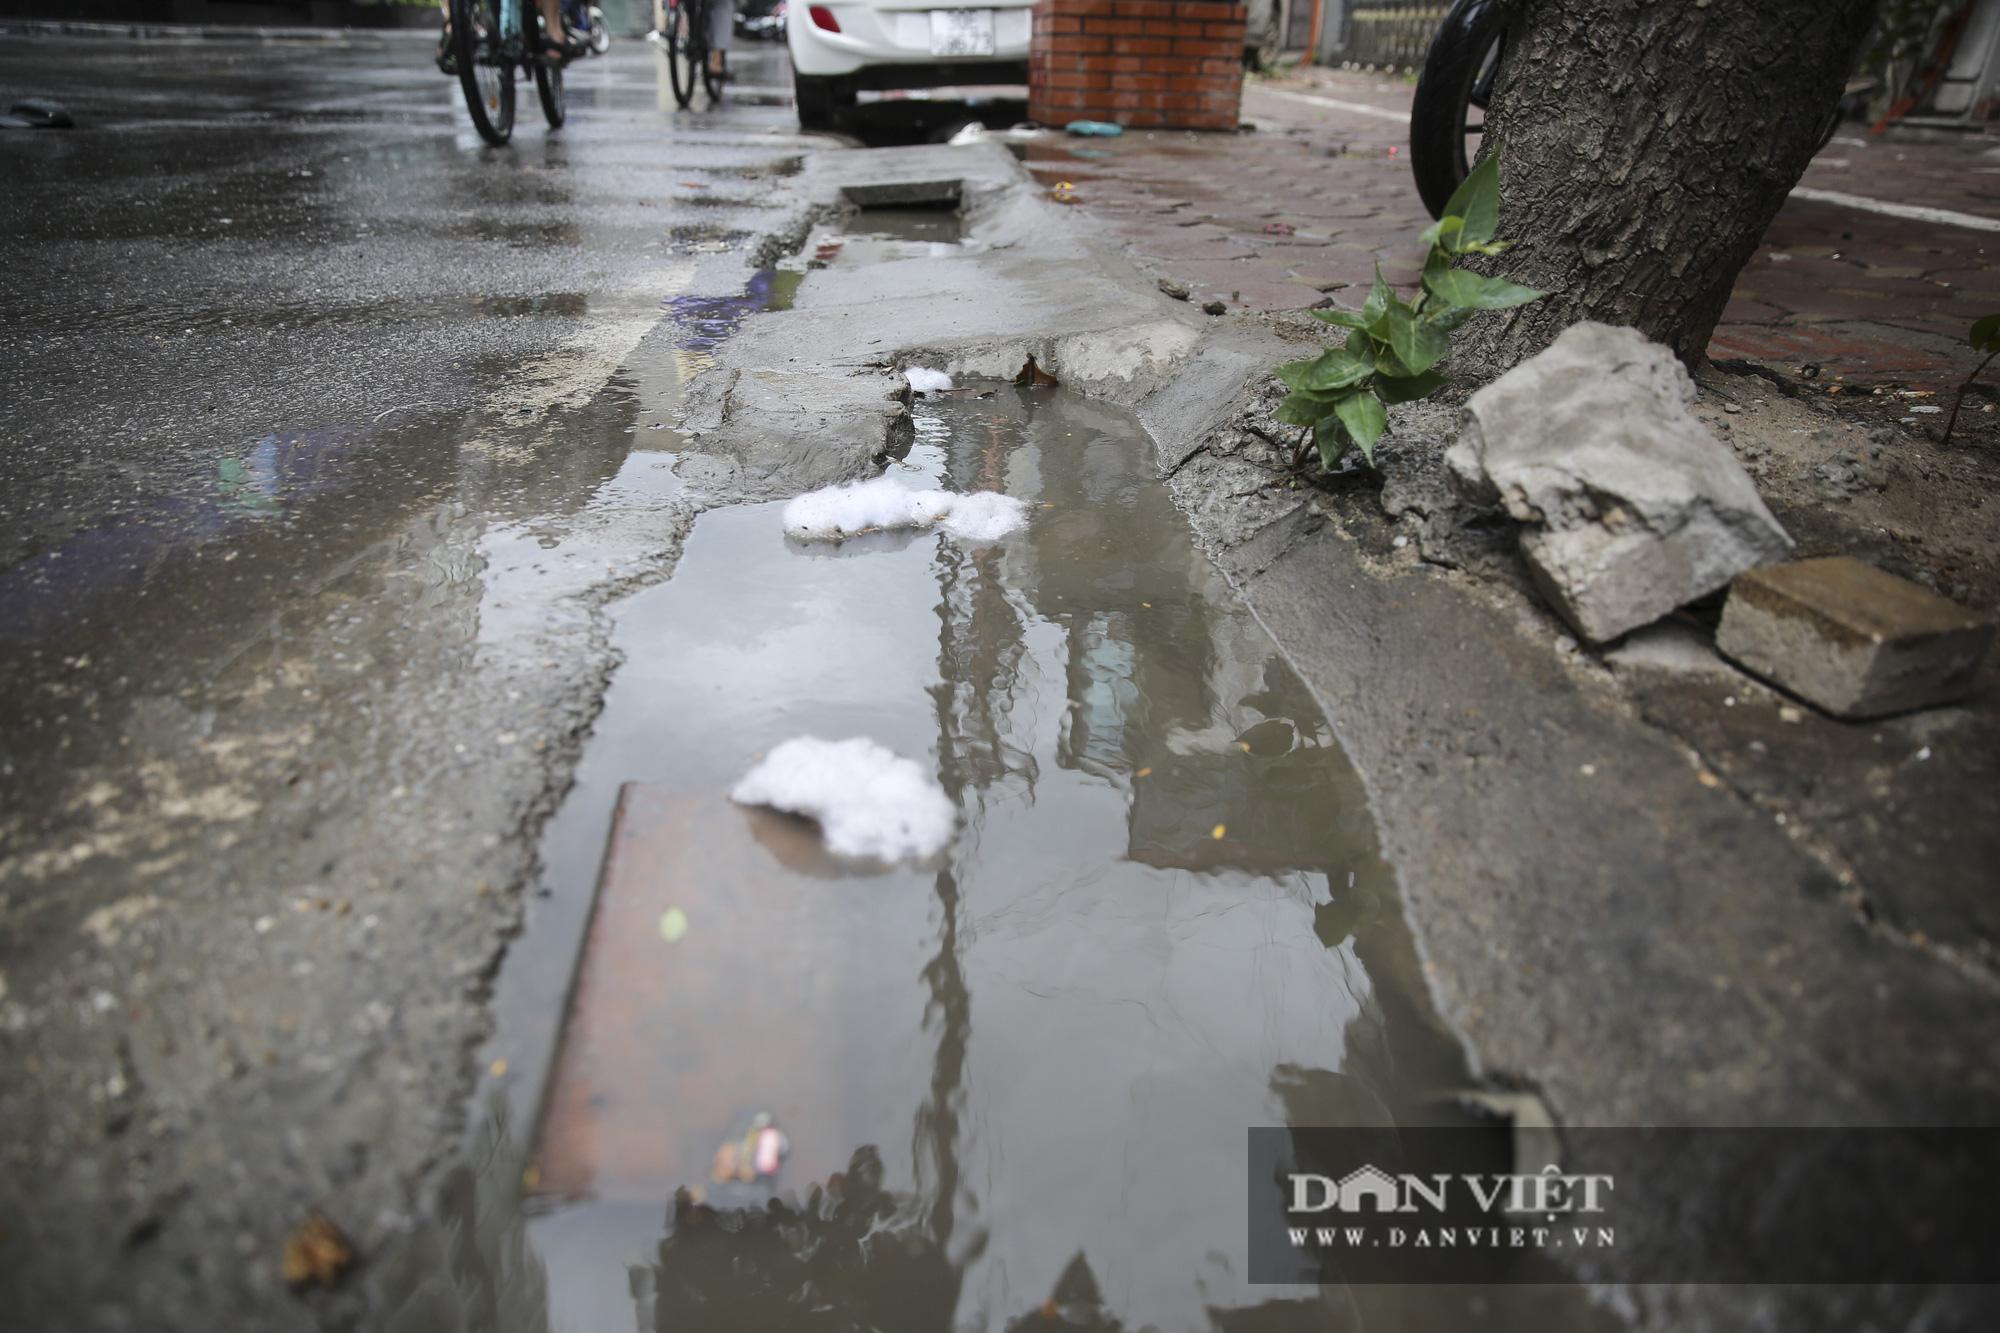 Hệ thống thoát nước bị xâm lấn, Hà Nội đứng trước nguy cơ ngập úng do mưa bão - Ảnh 2.